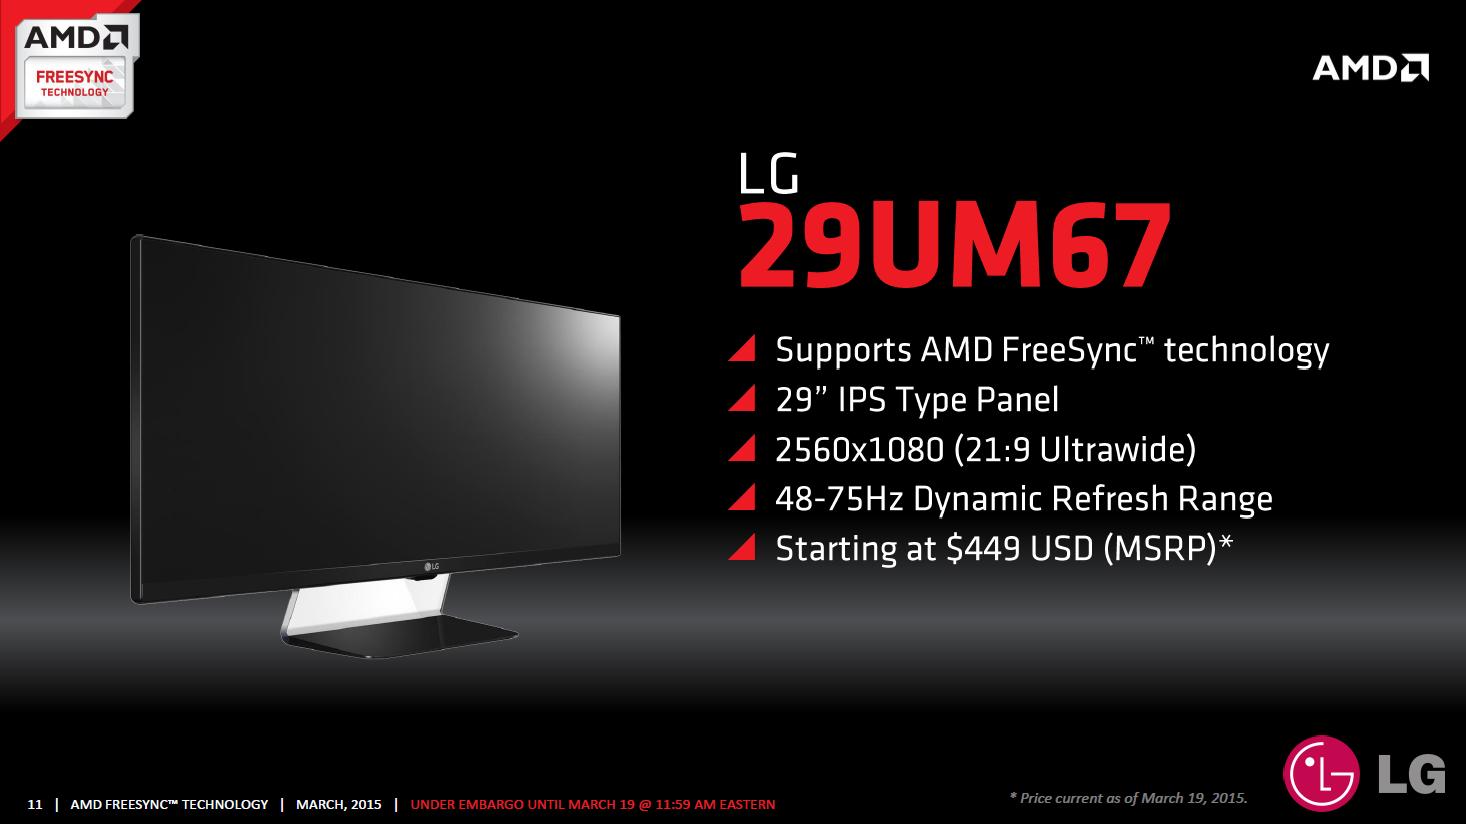 AMD Freesync im Test: Kostenlos im gleichen Takt - LG 29UM67 (Bild: AMD)